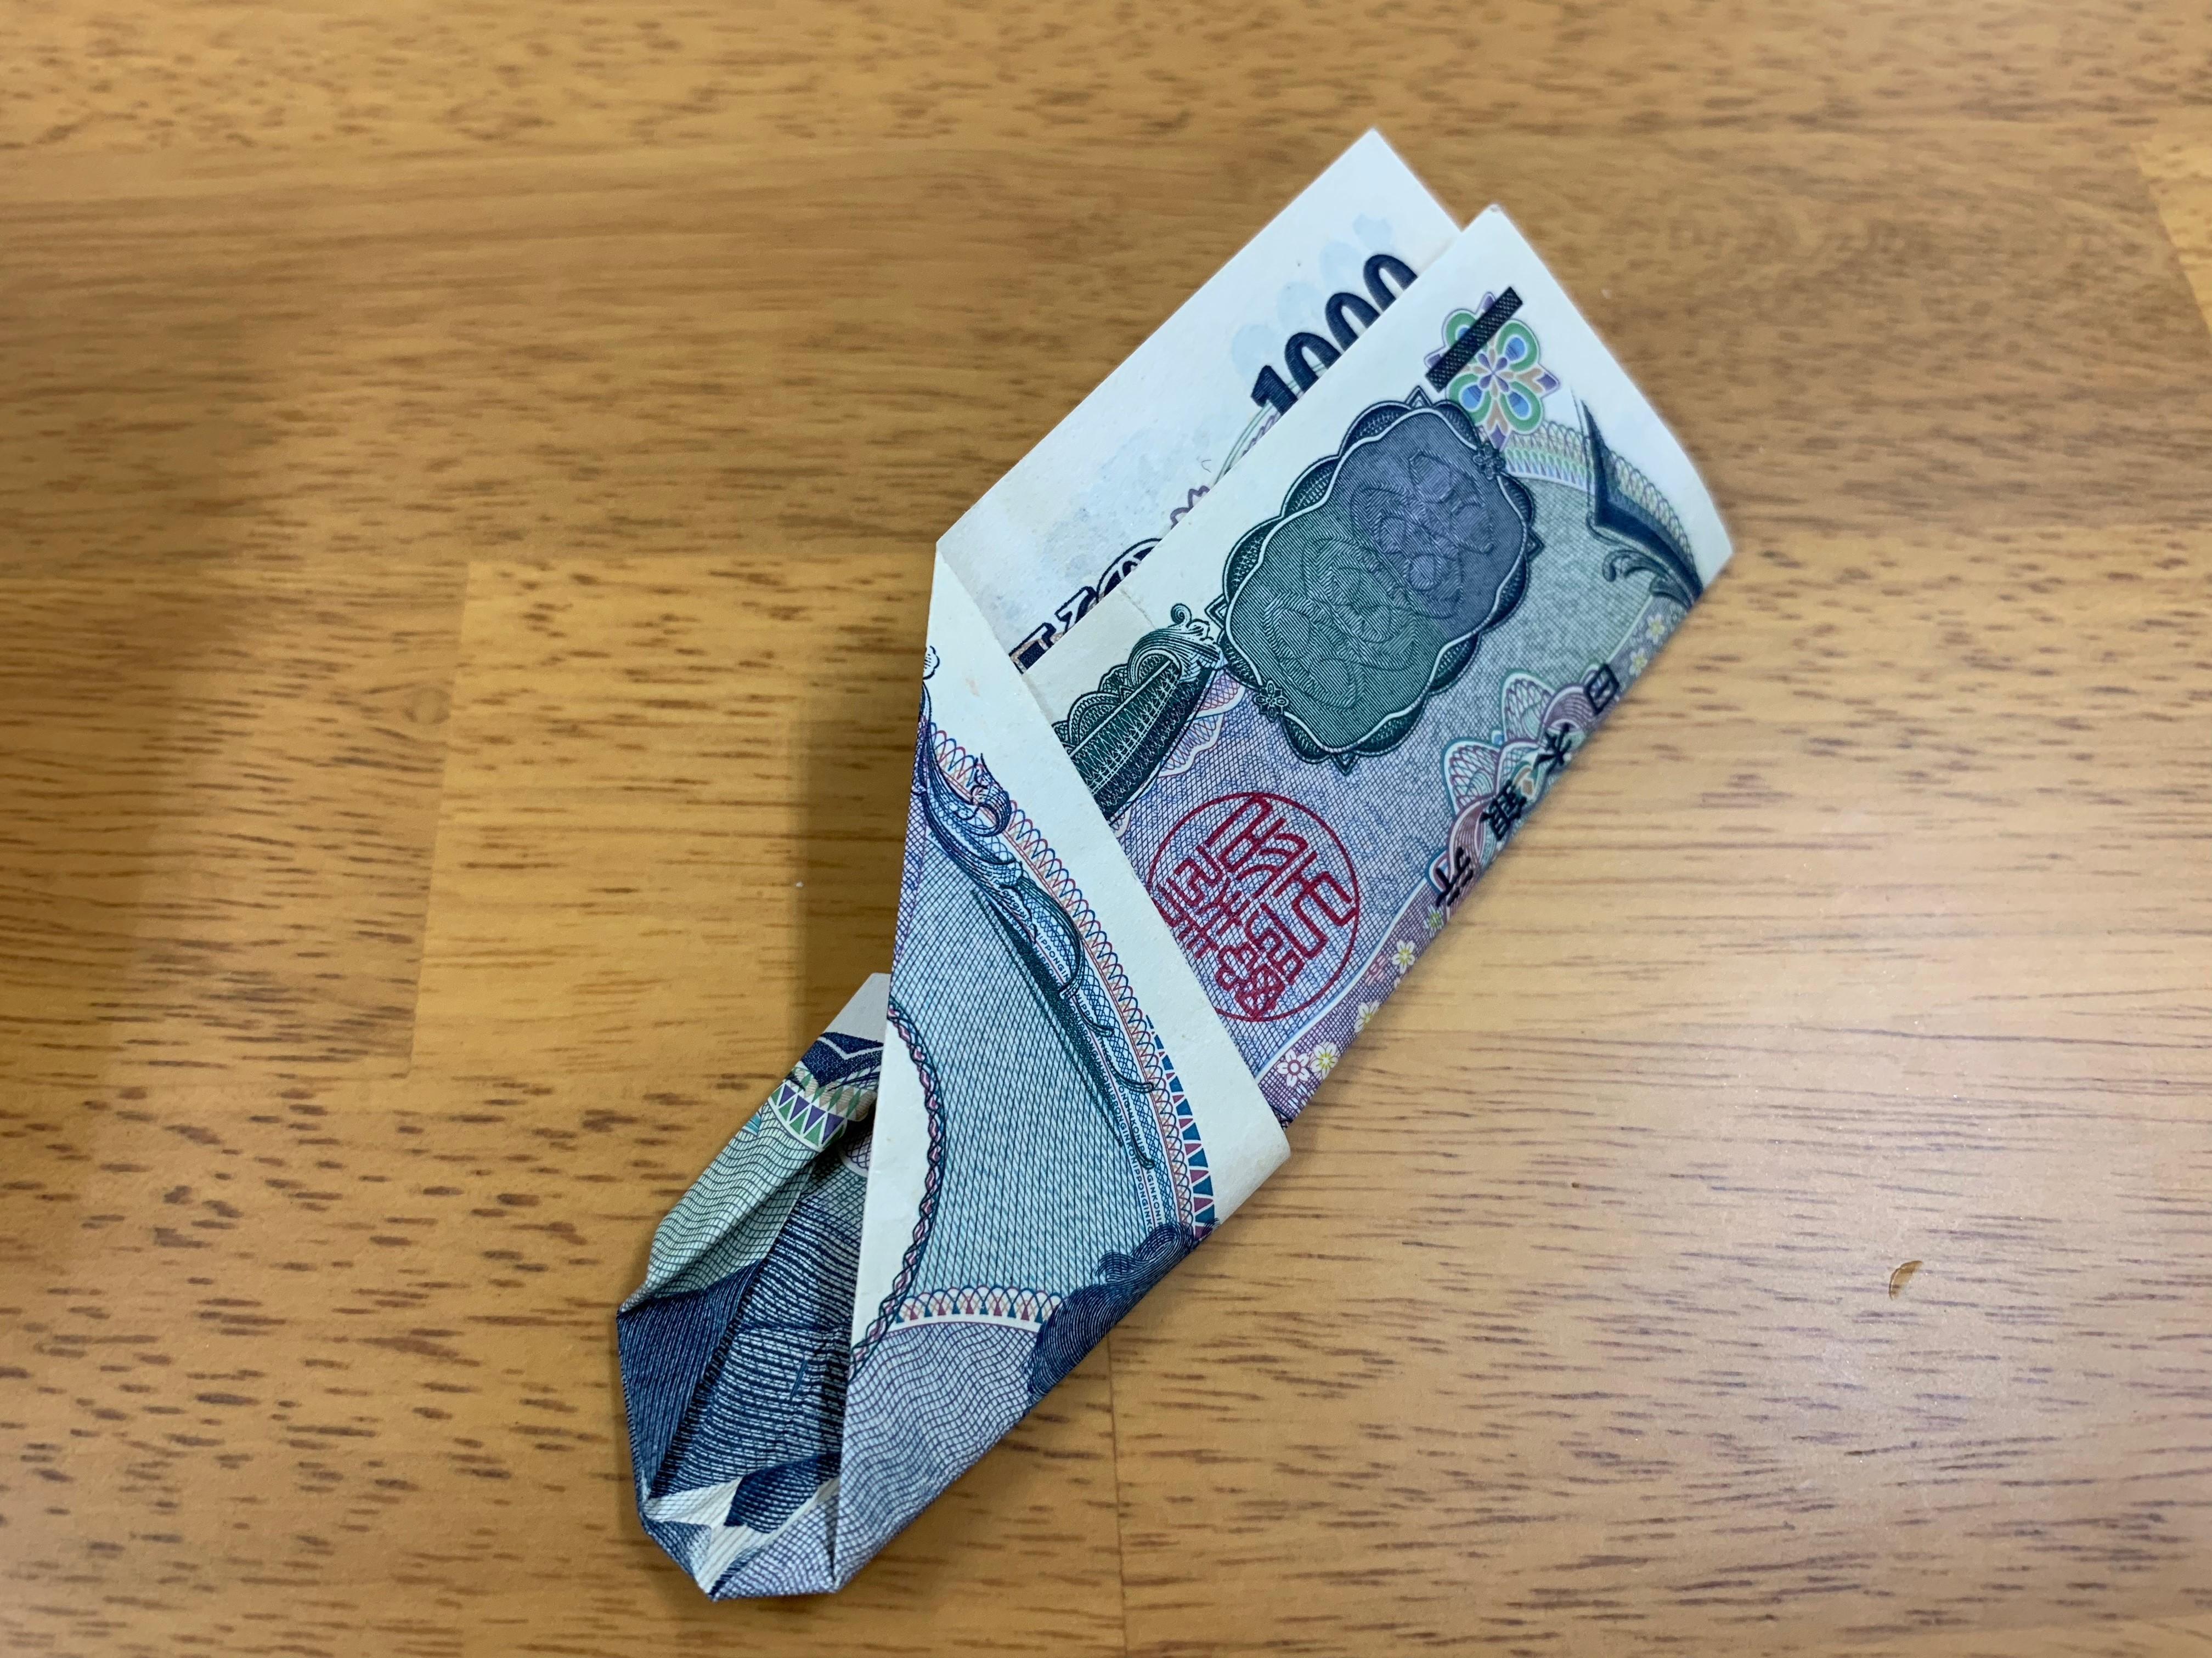 ターバン野口 お札 千円札のおもしろい折り方の画像13